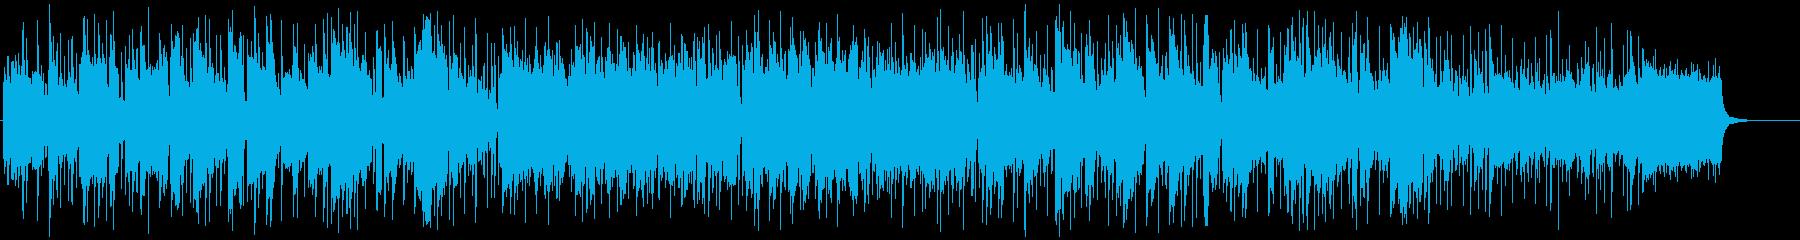 ボサノバチックな軽快なメロディーラインの再生済みの波形